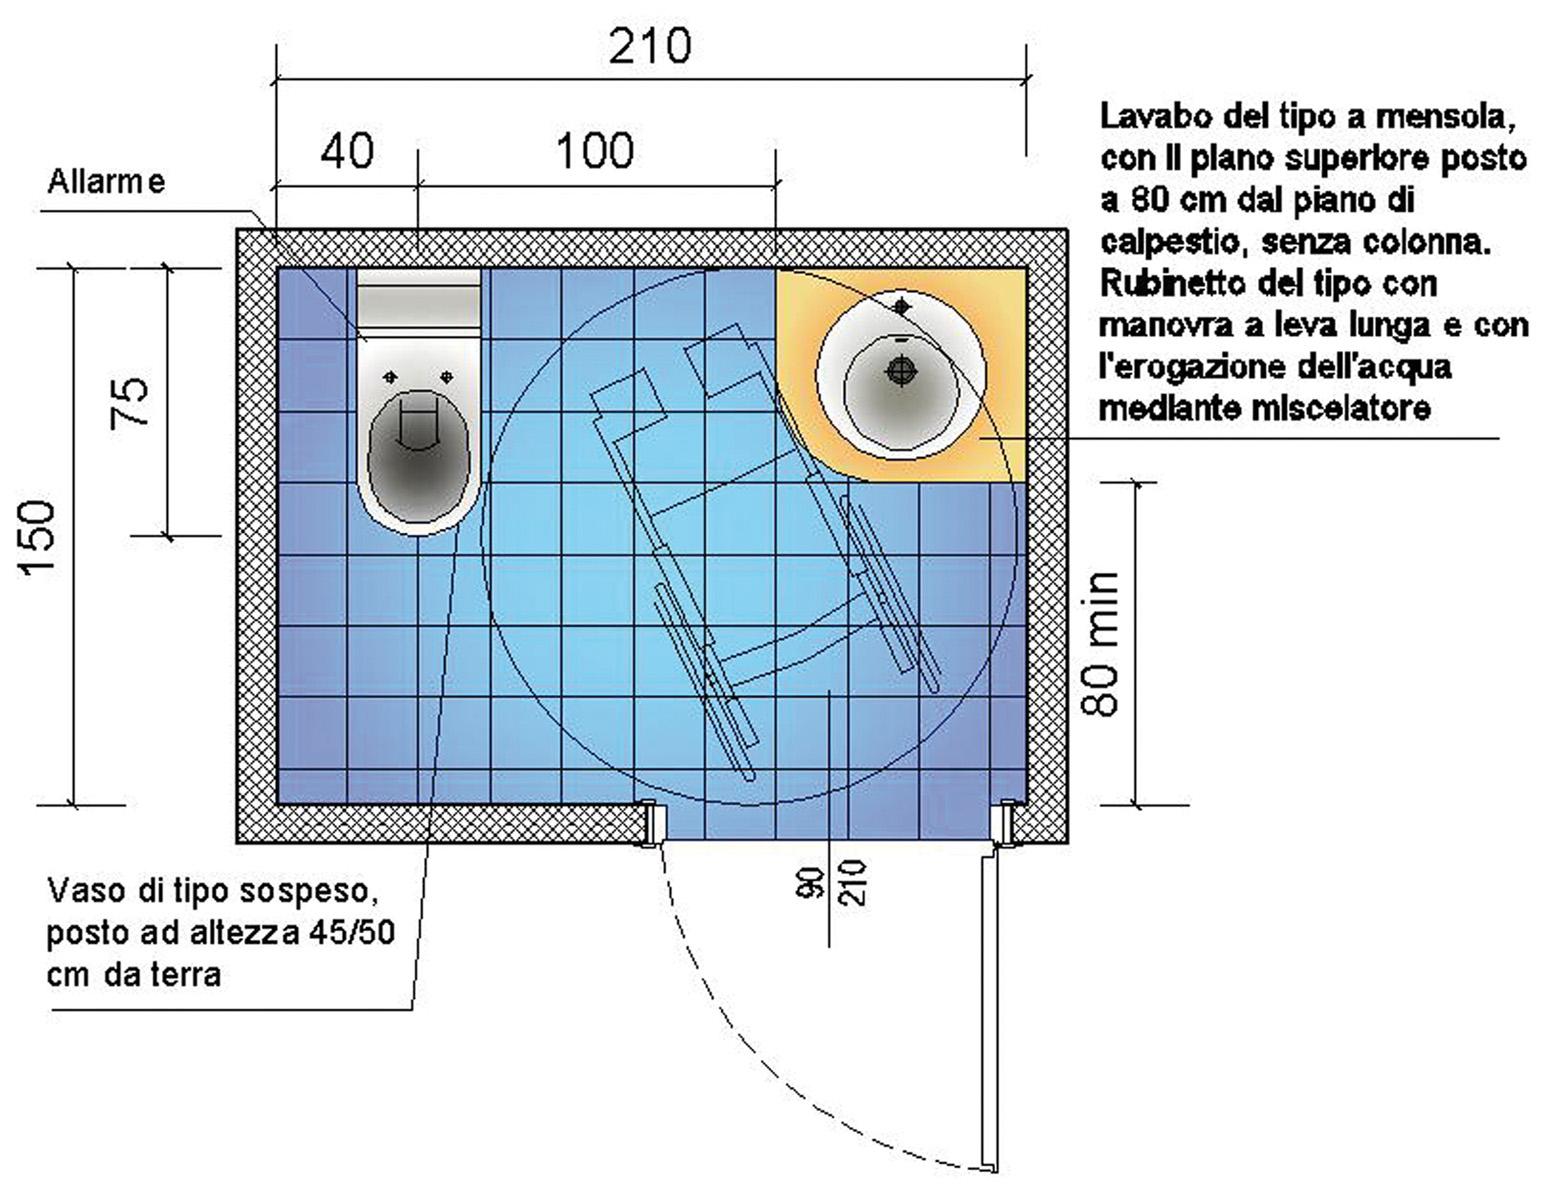 Conosciuto Le barriere architettoniche: vincoli e soluzioni - DM Il Dentista  RG72